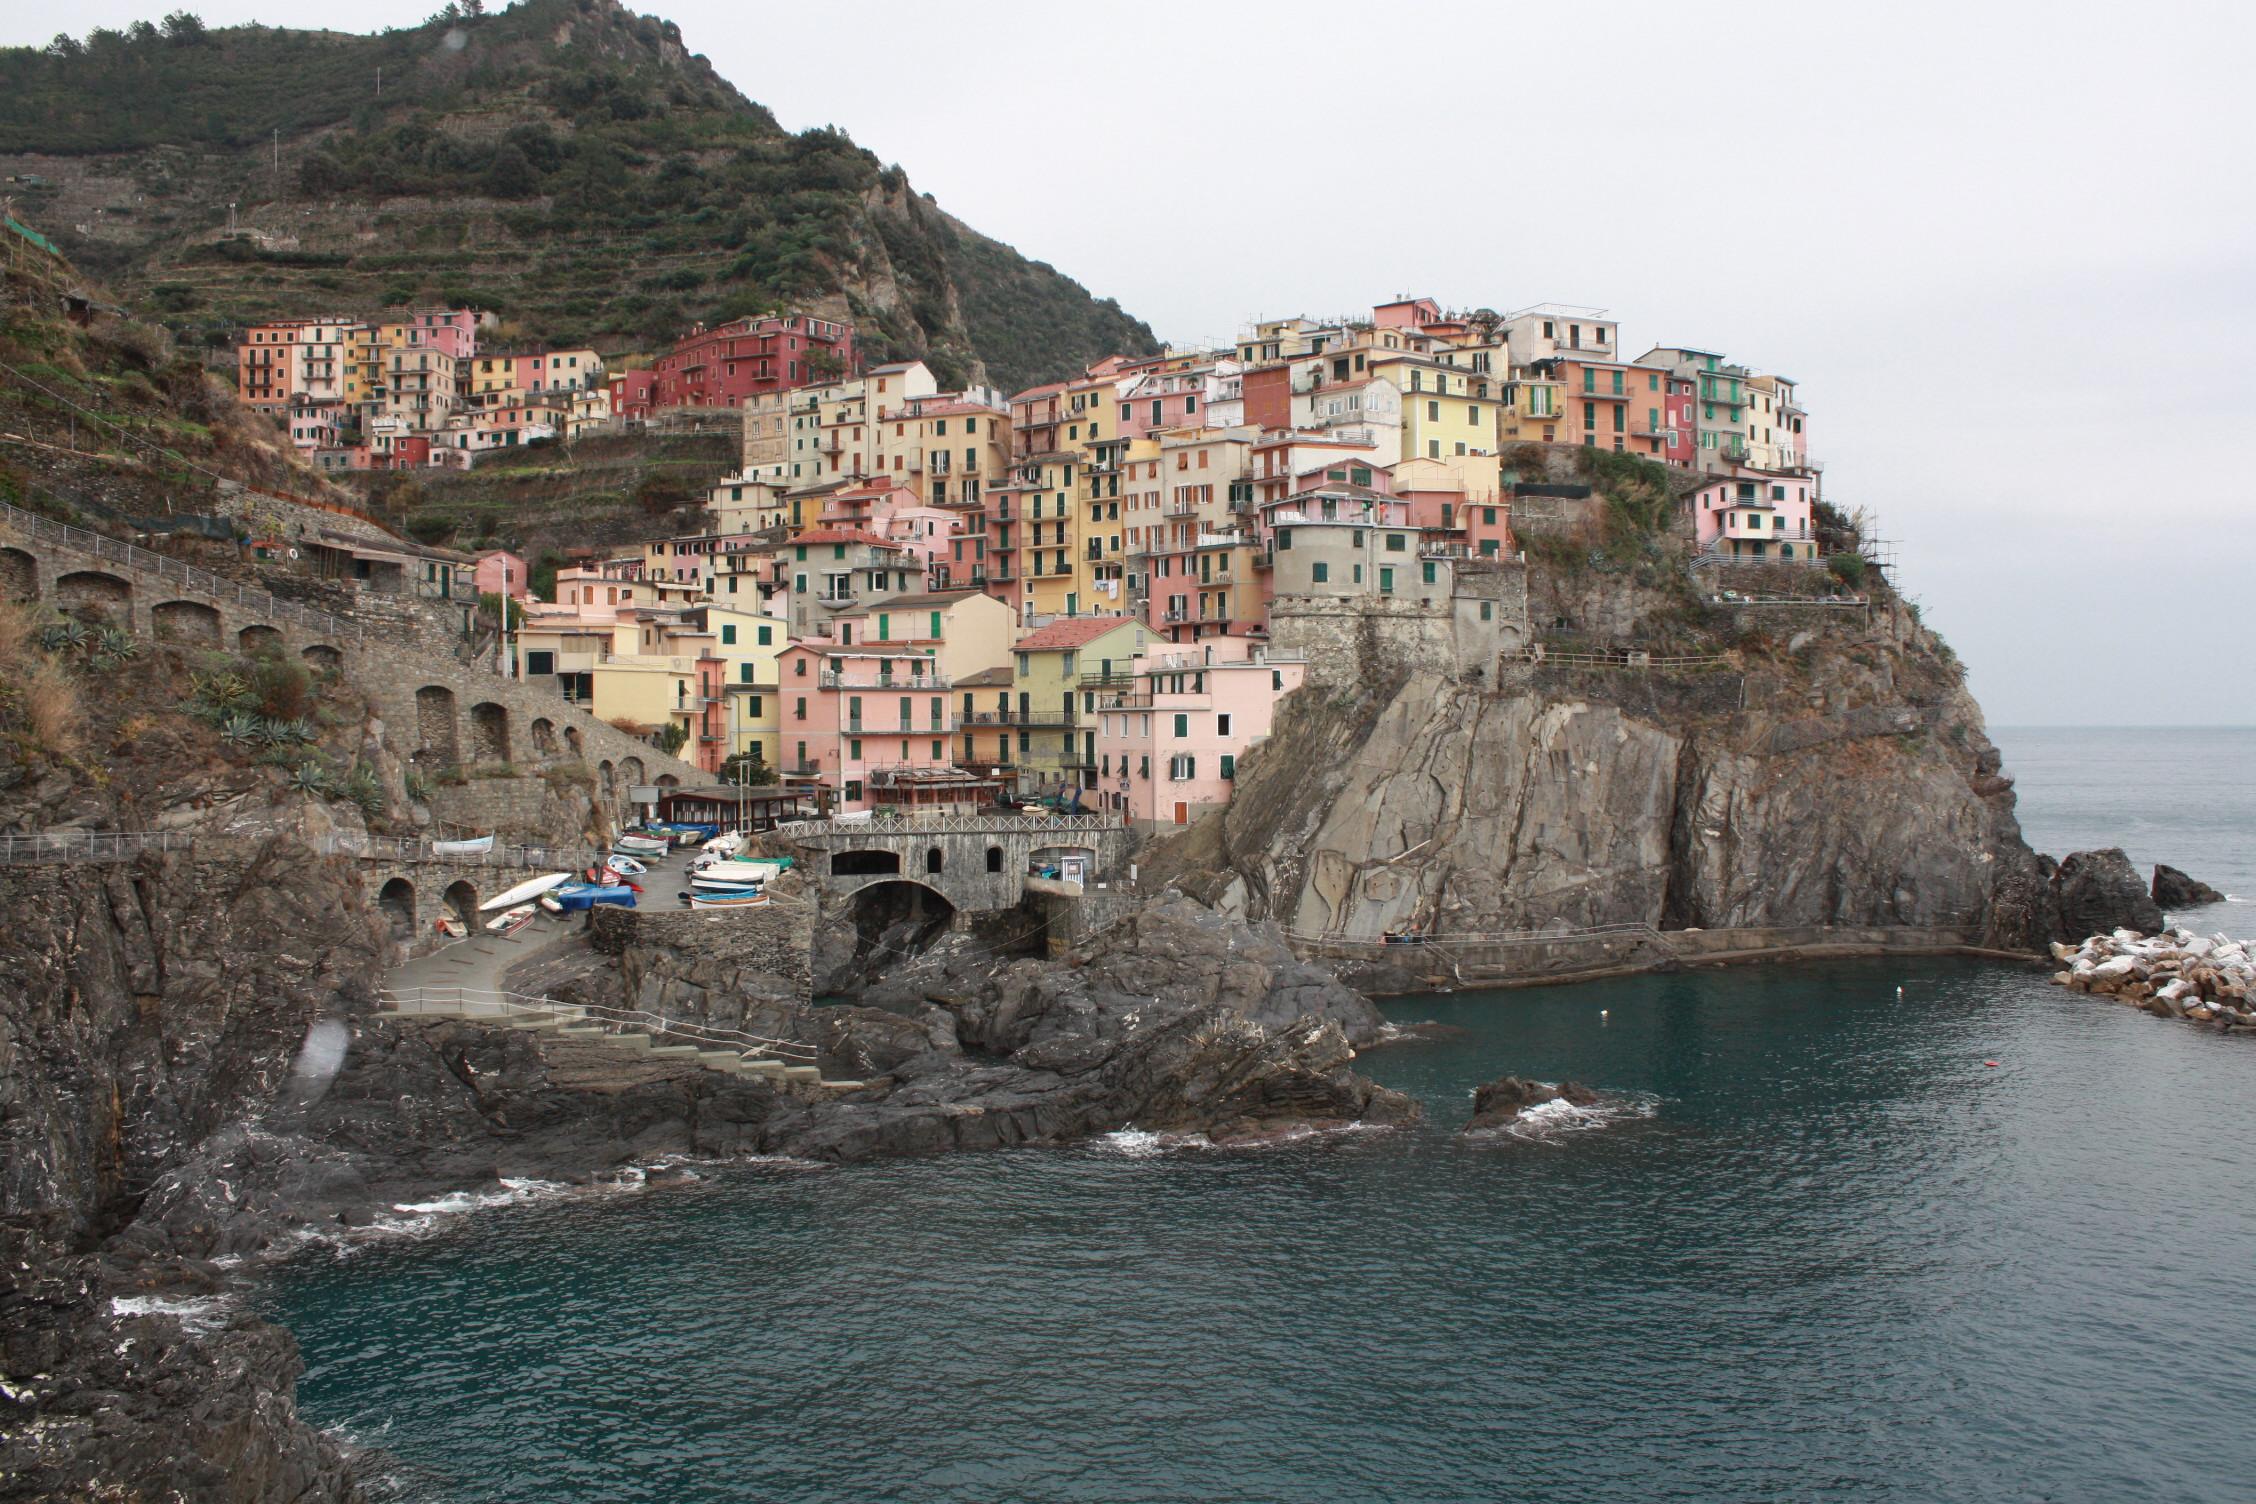 Liguria, fatica e splendore